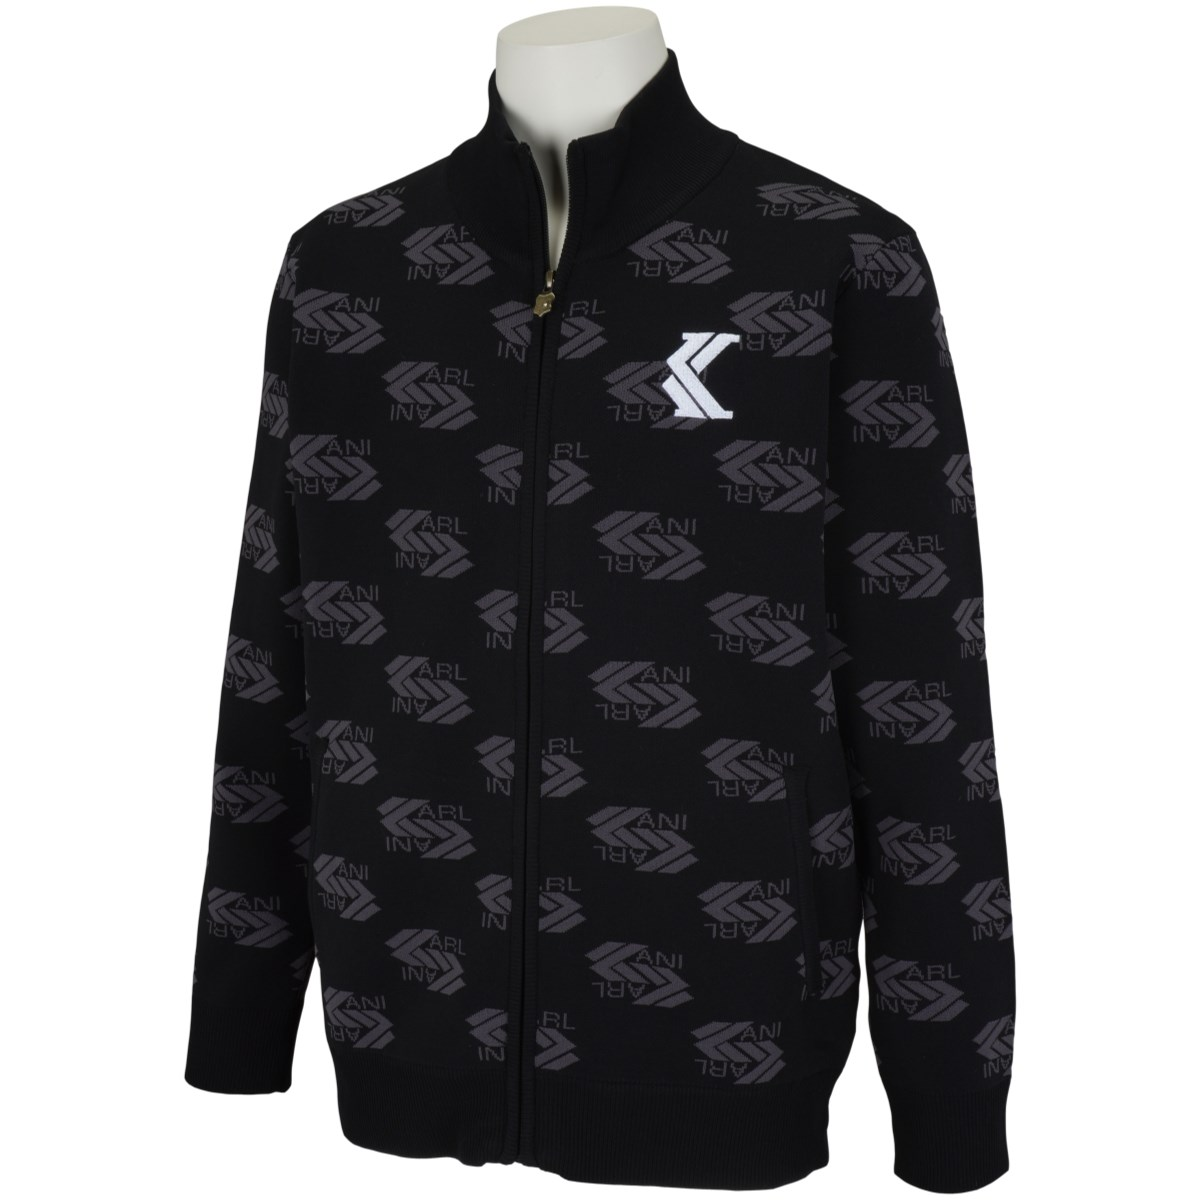 カールカナイゴルフ KARL KANI GOLF 総柄ニットスタンドジャケット XL ブラック 09